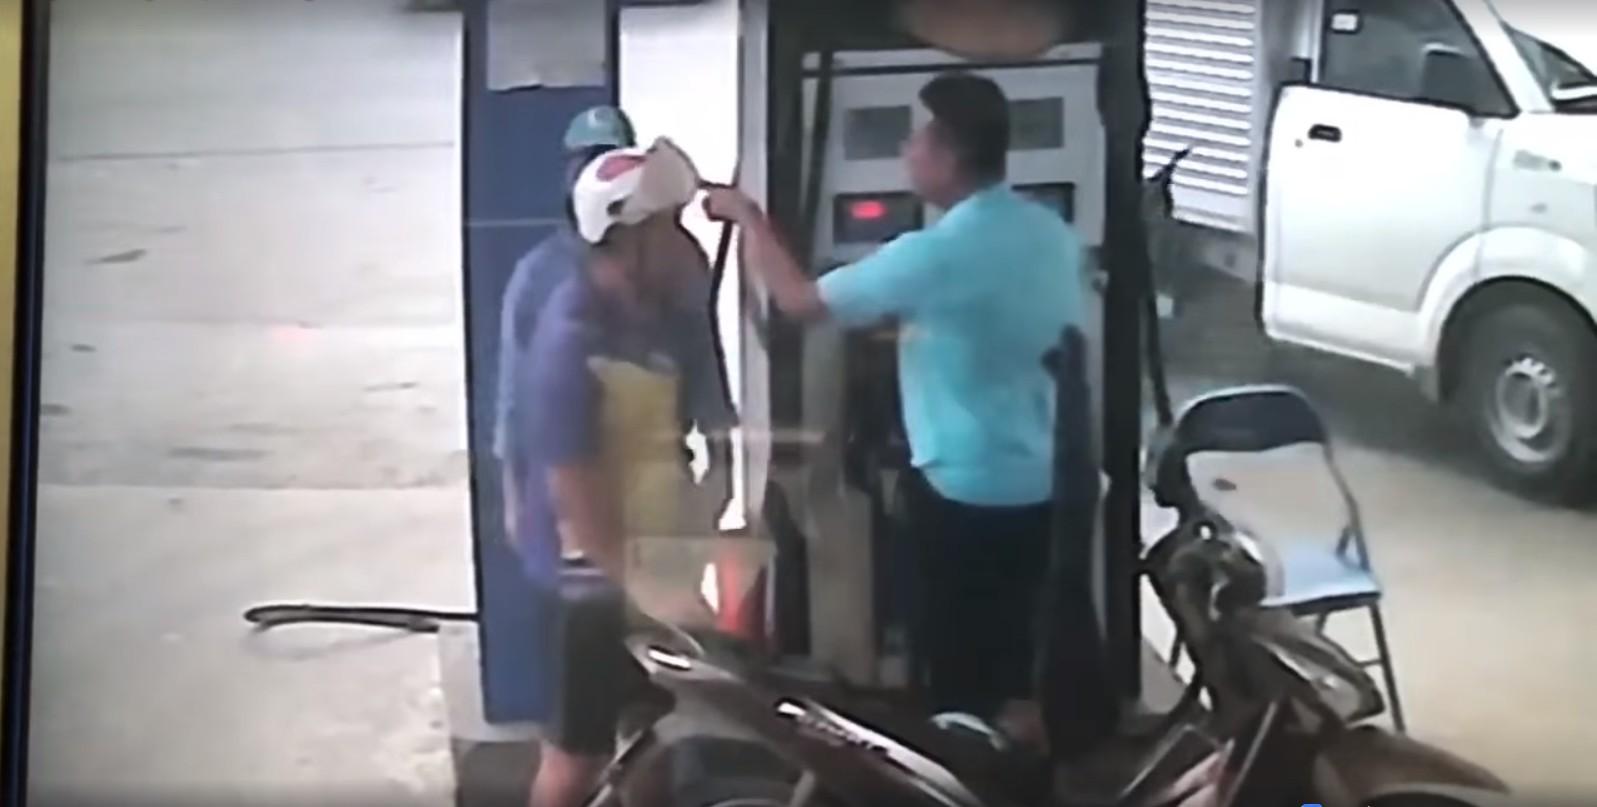 Clip gây bức xúc: Bị nhắc tự mở bình xăng, người đàn ông cầm chìa khóa đánh vào đầu nhân viên cây xăng trước mặt con gái - Ảnh 4.